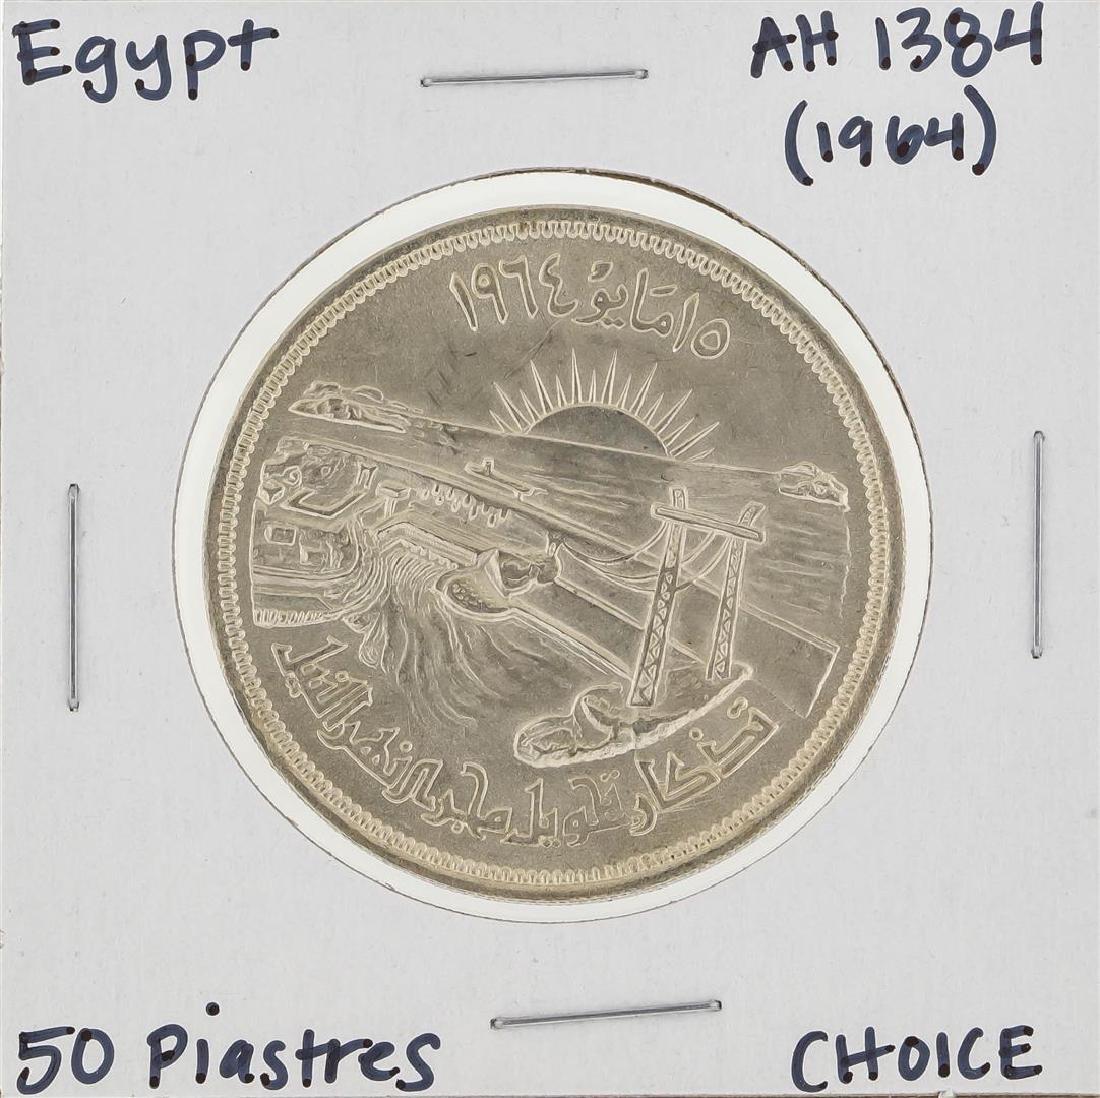 AH 1384 (1964) Egypt 50 Piastres Coin Choice